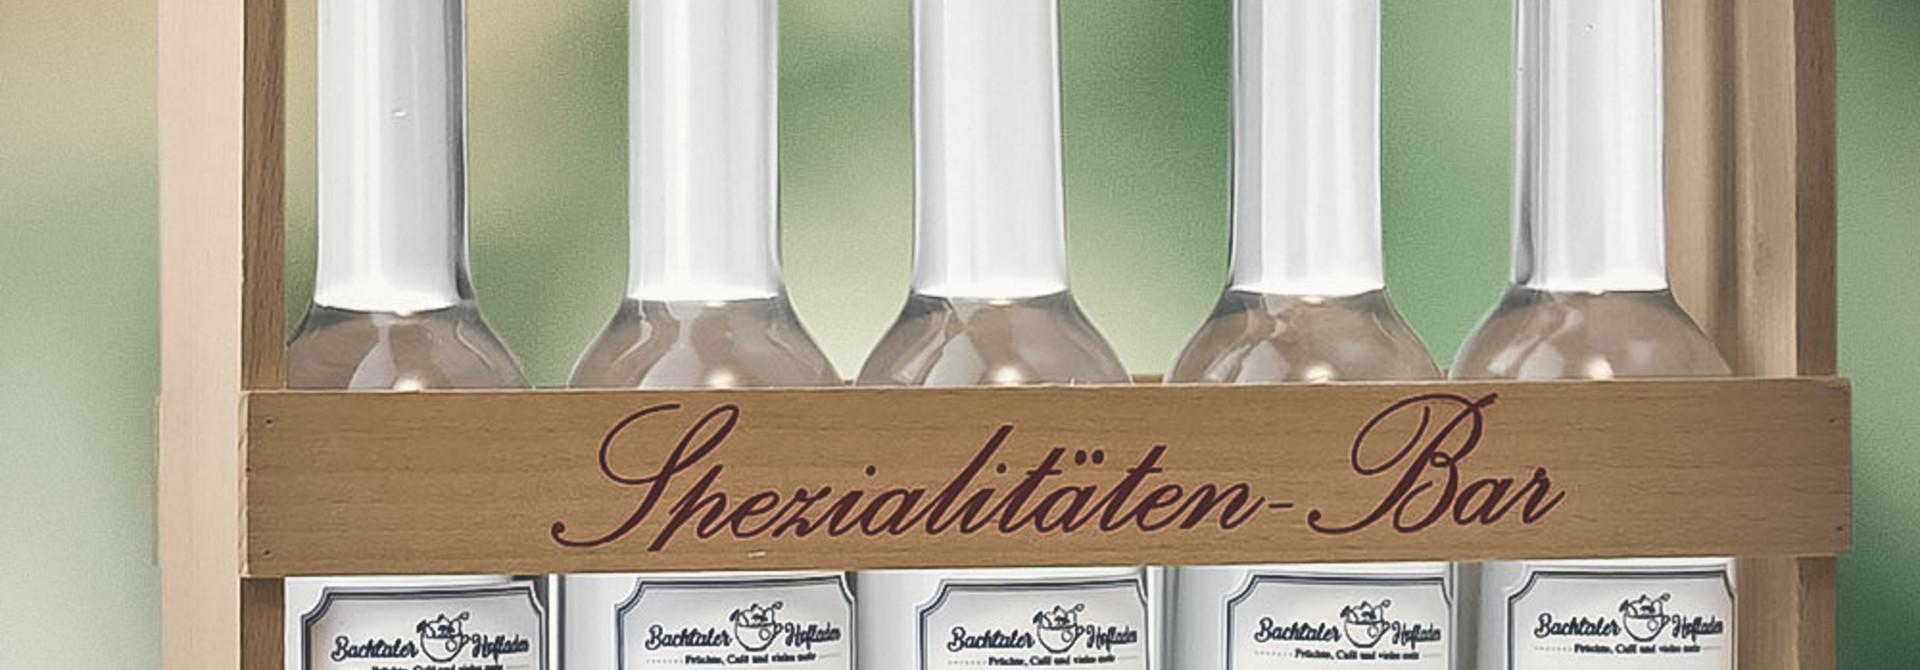 Spezialitäten-Bar «vo allem e chli» 20cl Platinflaschen im Holzgestell